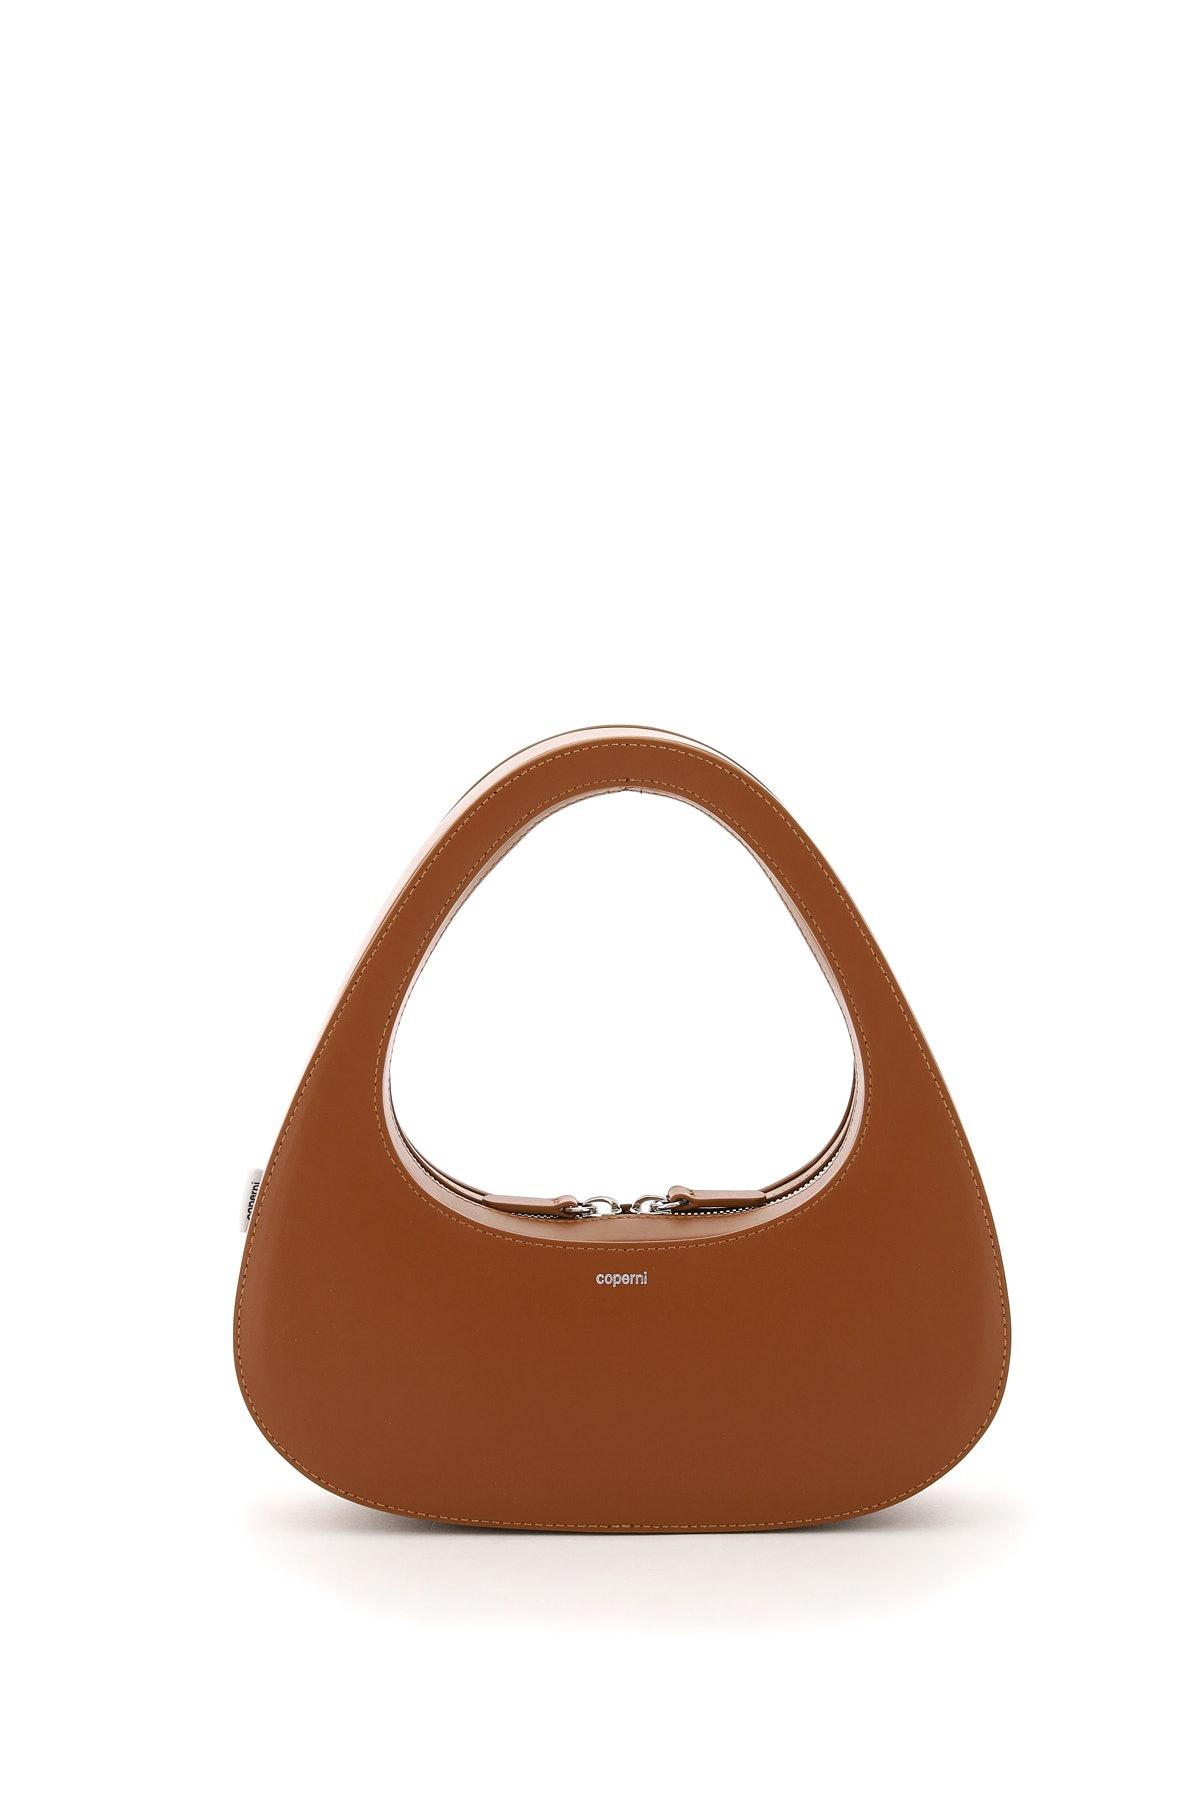 Coperni Baguette Swipe Bag: image 1